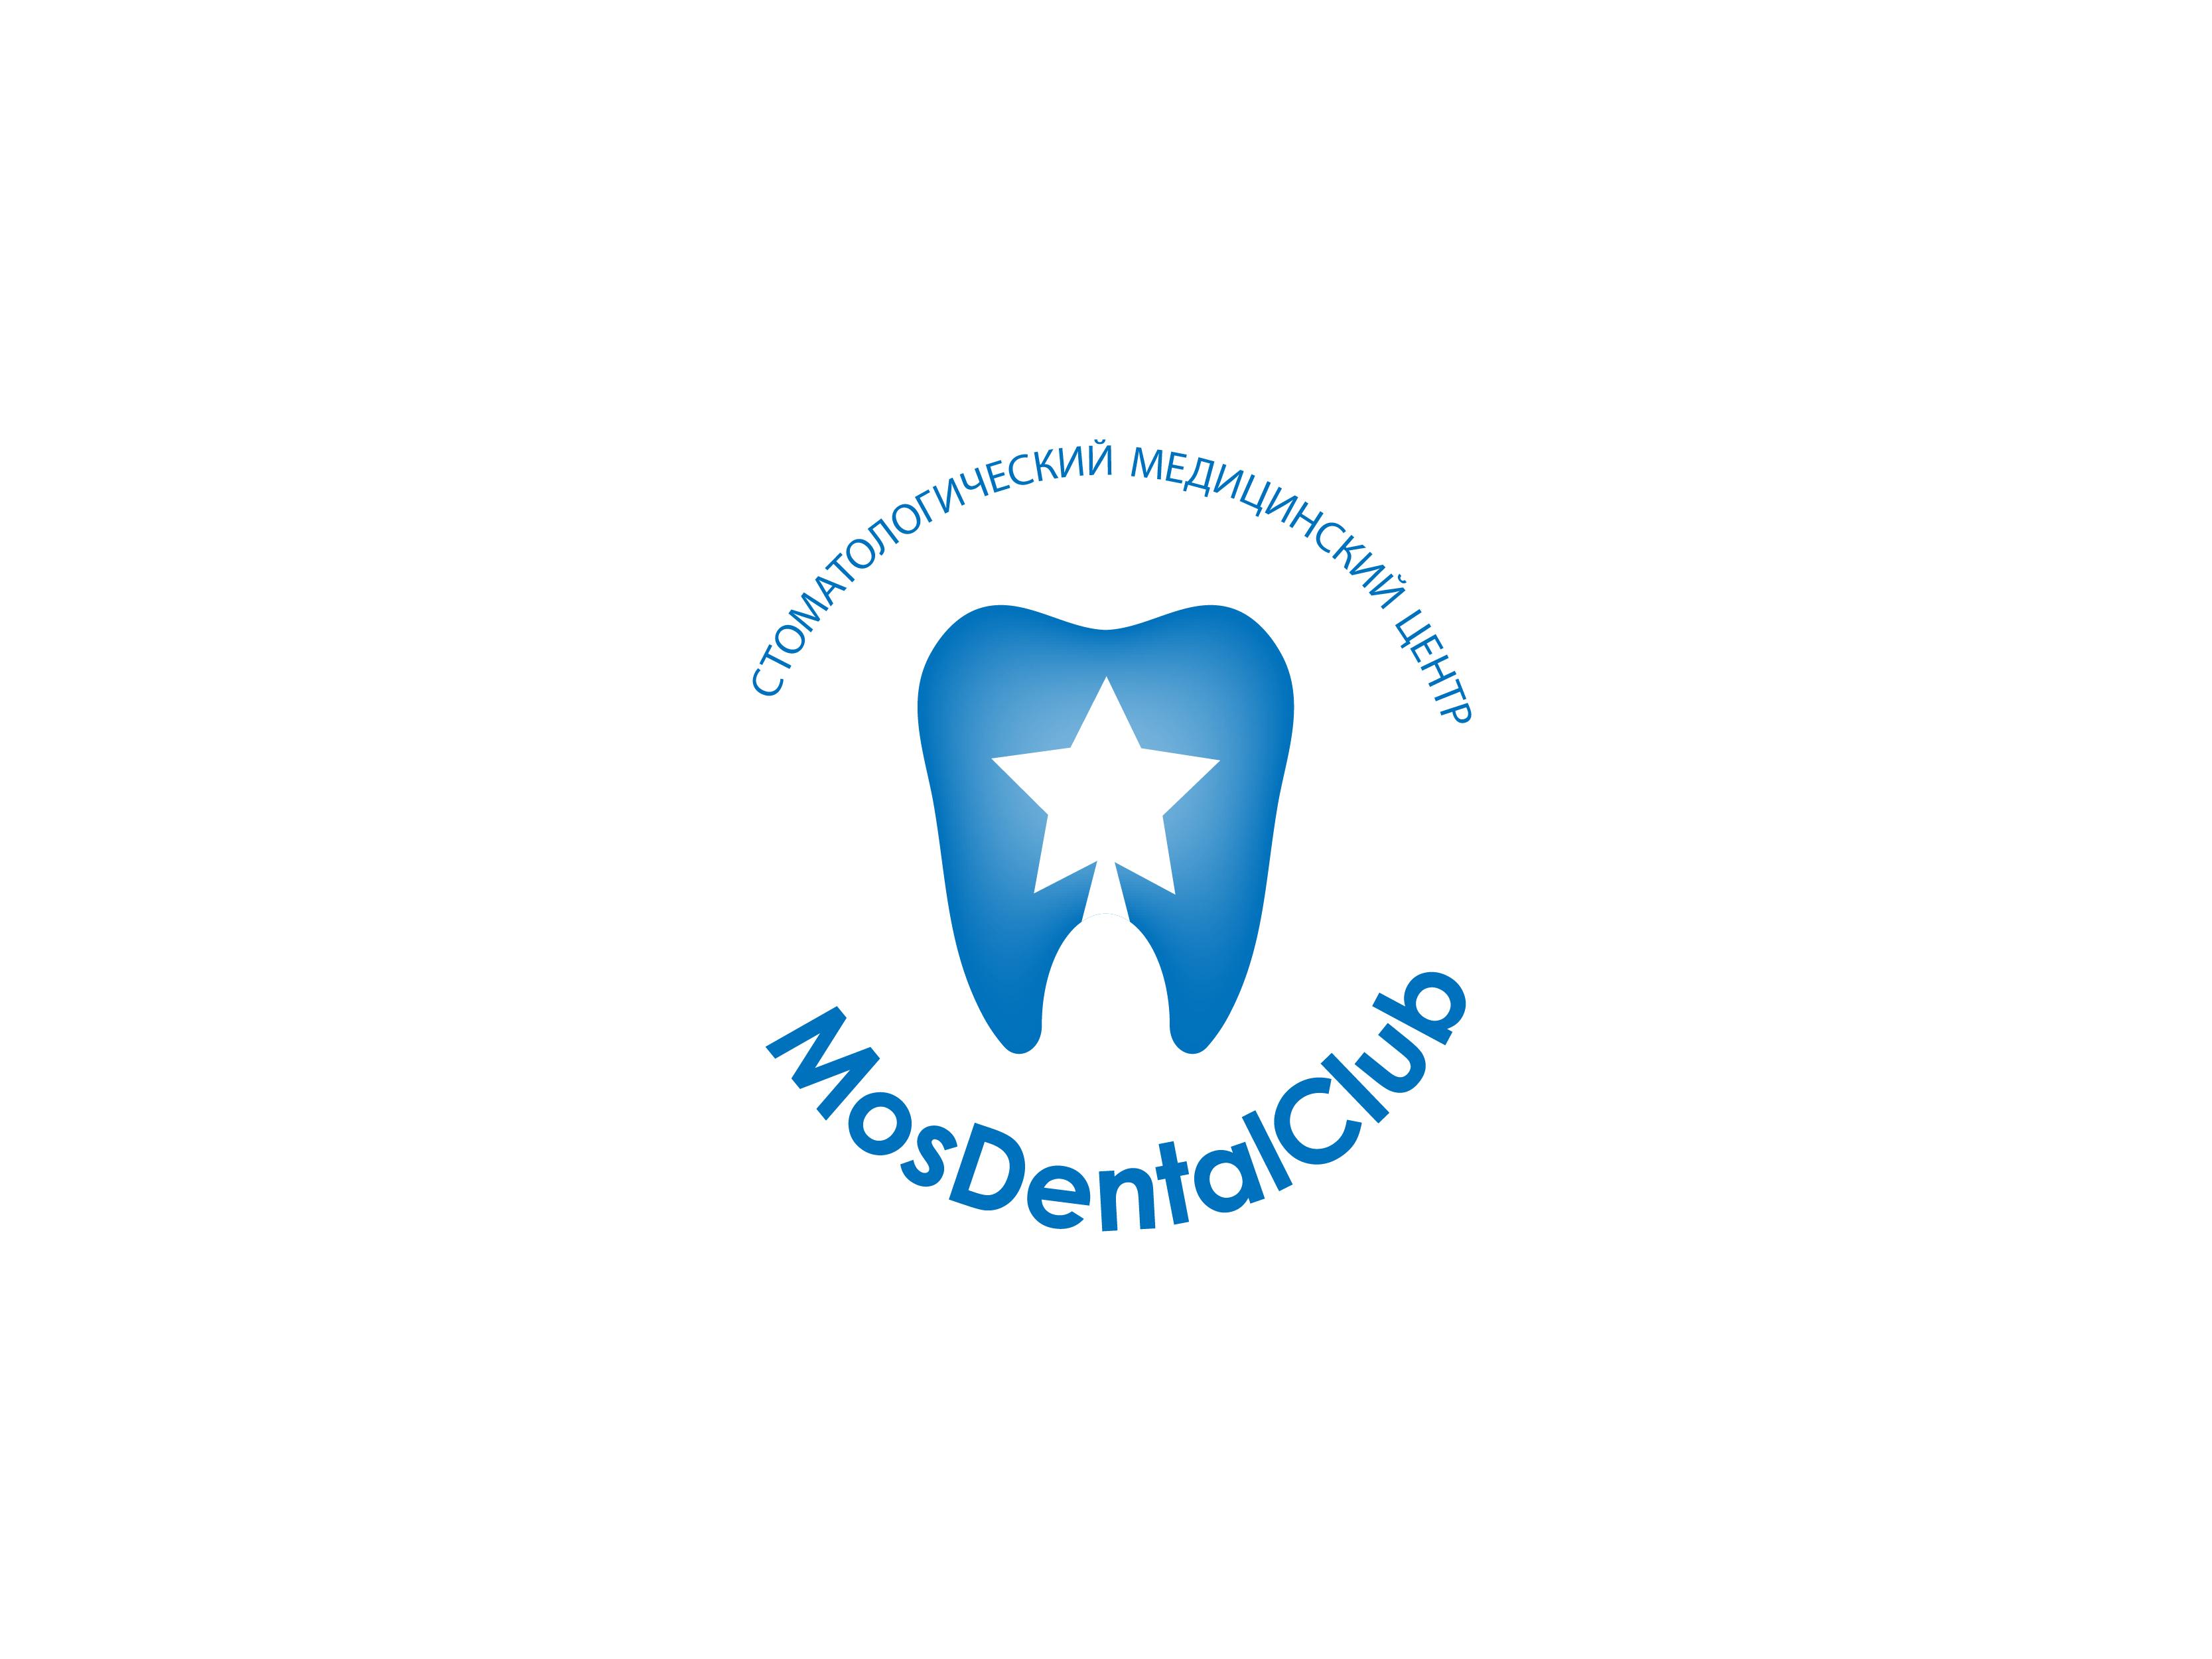 Разработка логотипа стоматологического медицинского центра фото f_7015e453b39780a6.png